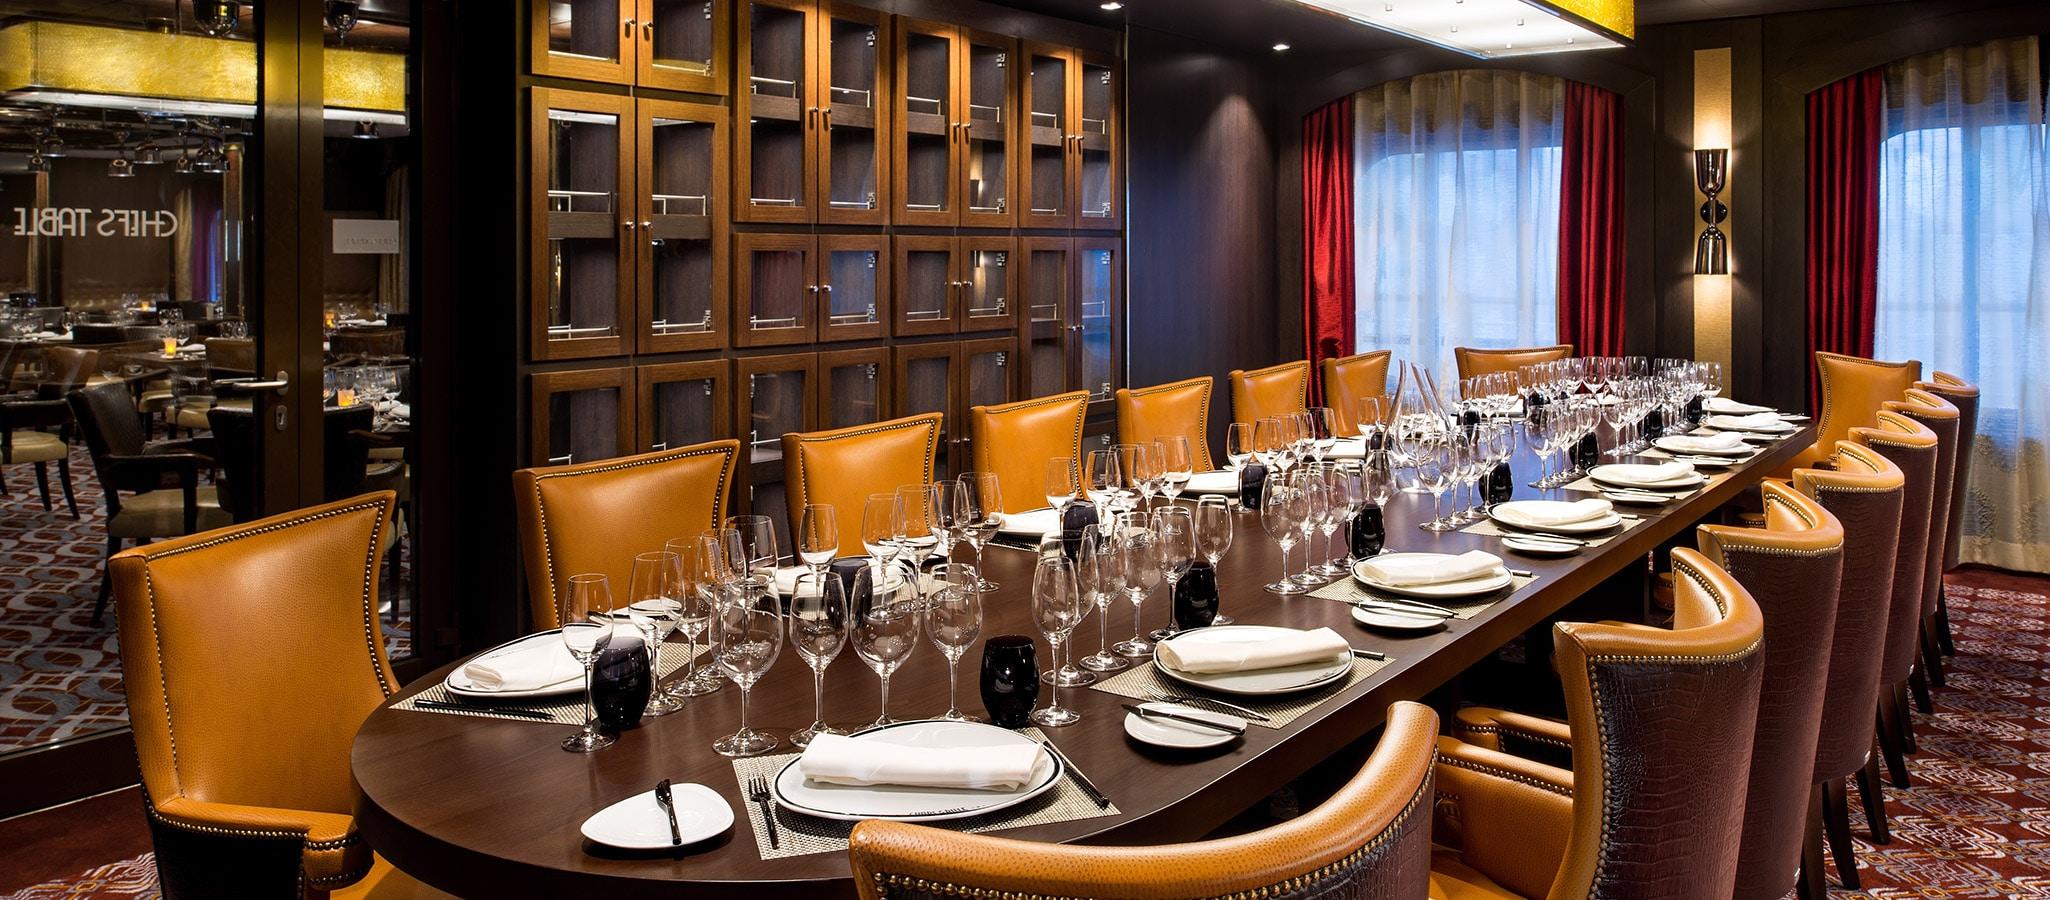 Beste Cuisine und gediegen-elegantes Ambiente bieten die vielen kleinen Restaurants an Bord - wie gemacht für ein Vorstands-Dinner.